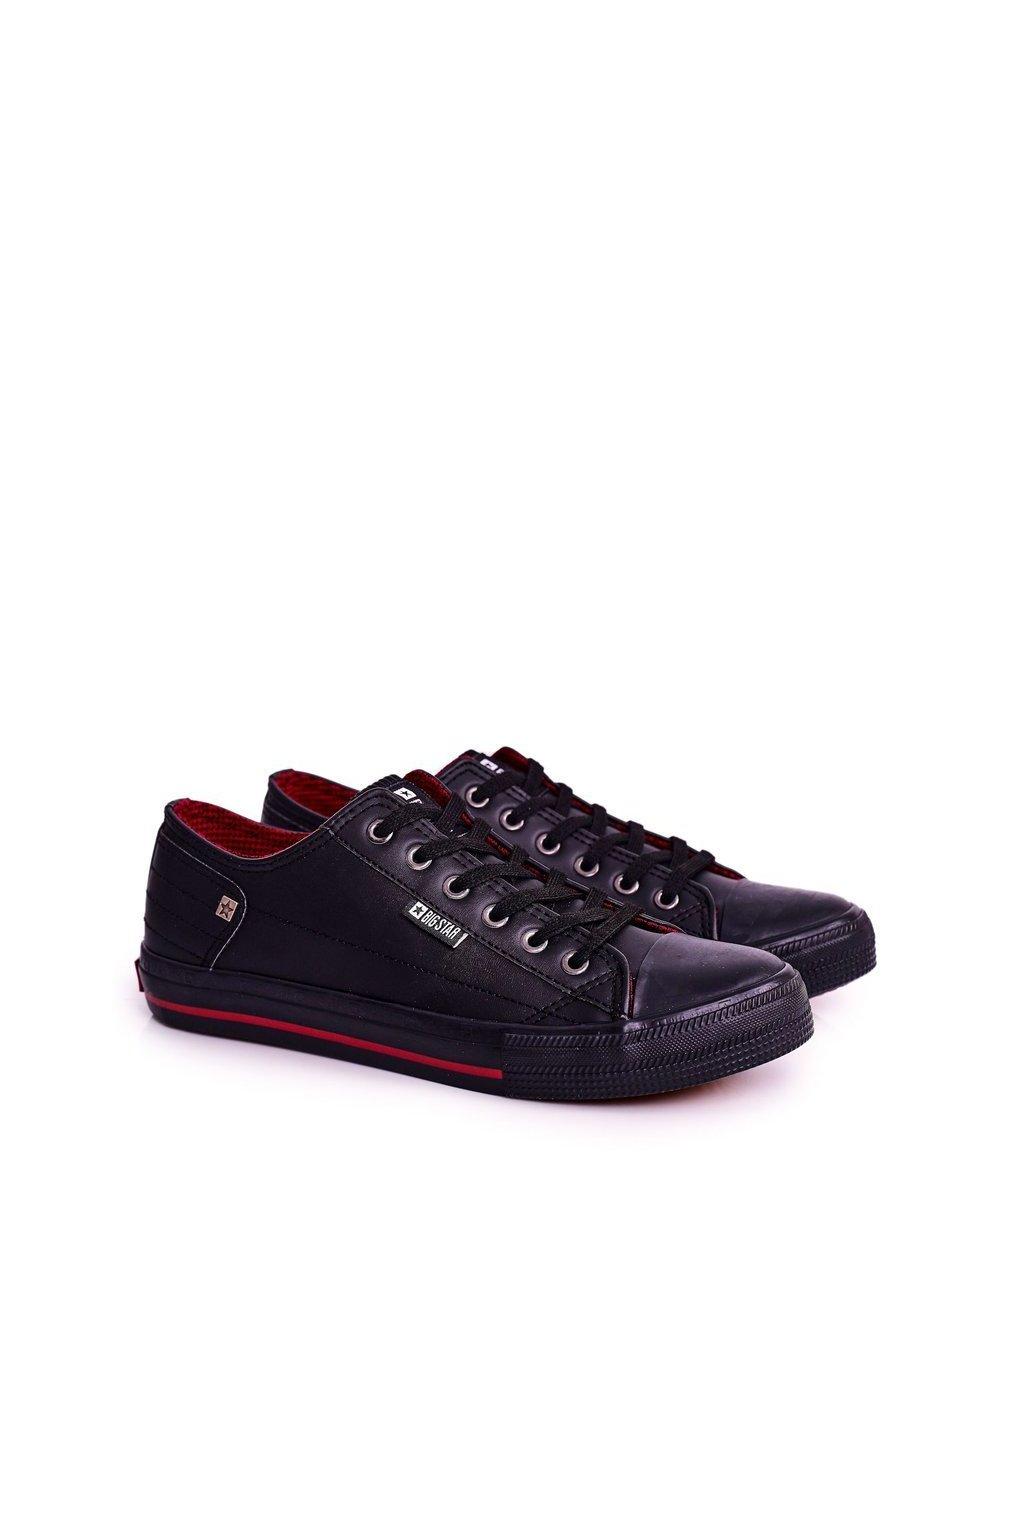 Čierna obuv kód topánok DD174259 BLK